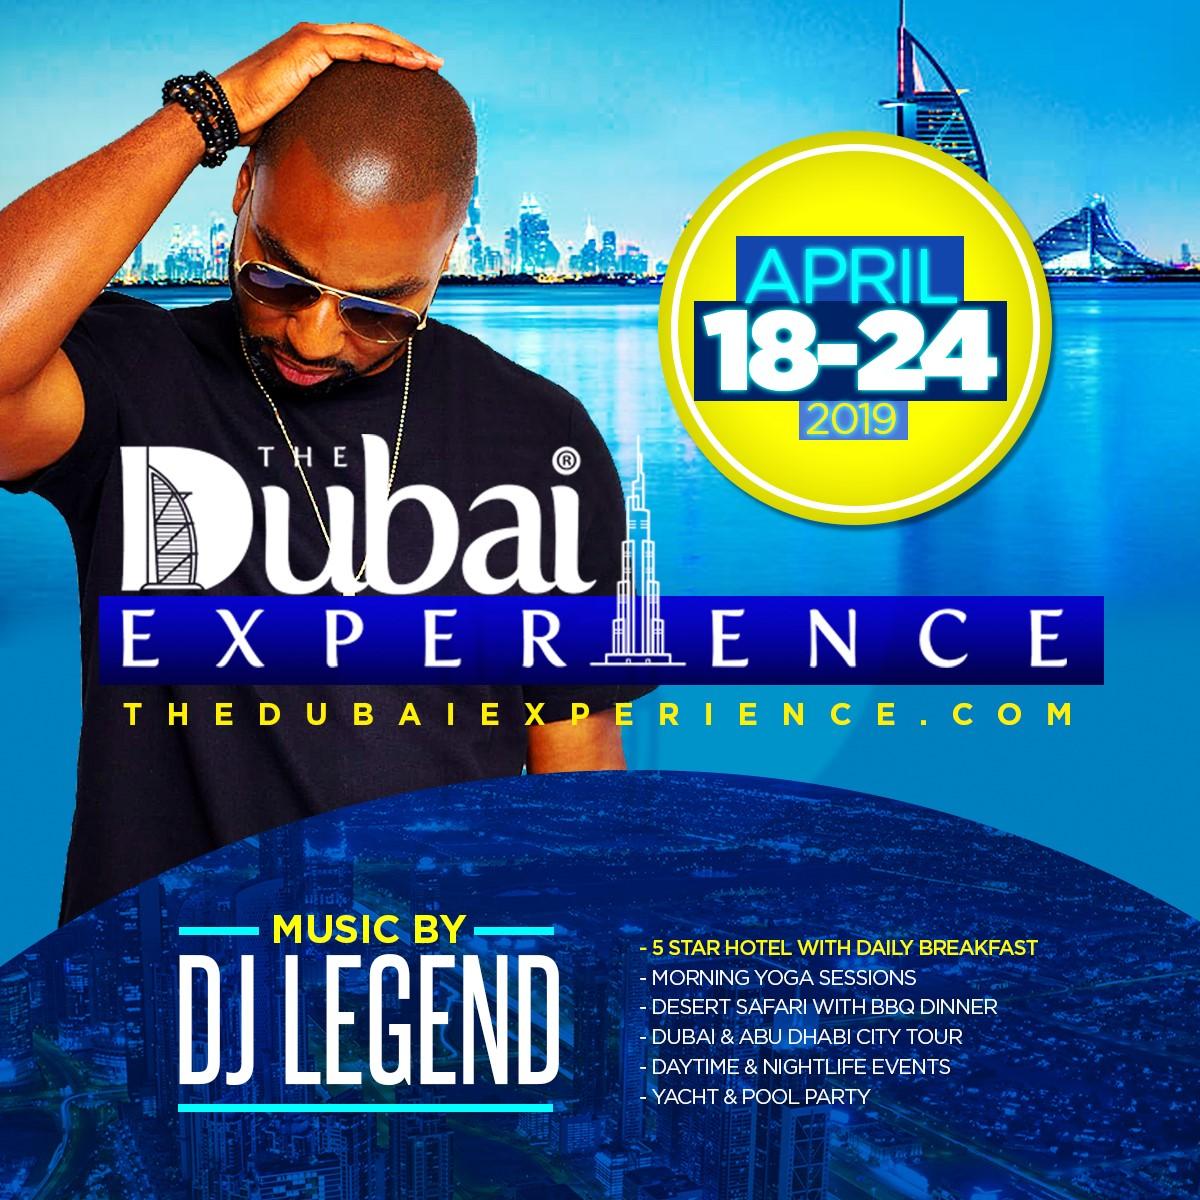 THE DUBAI EXPERIENCE 2019 AreYouVIP